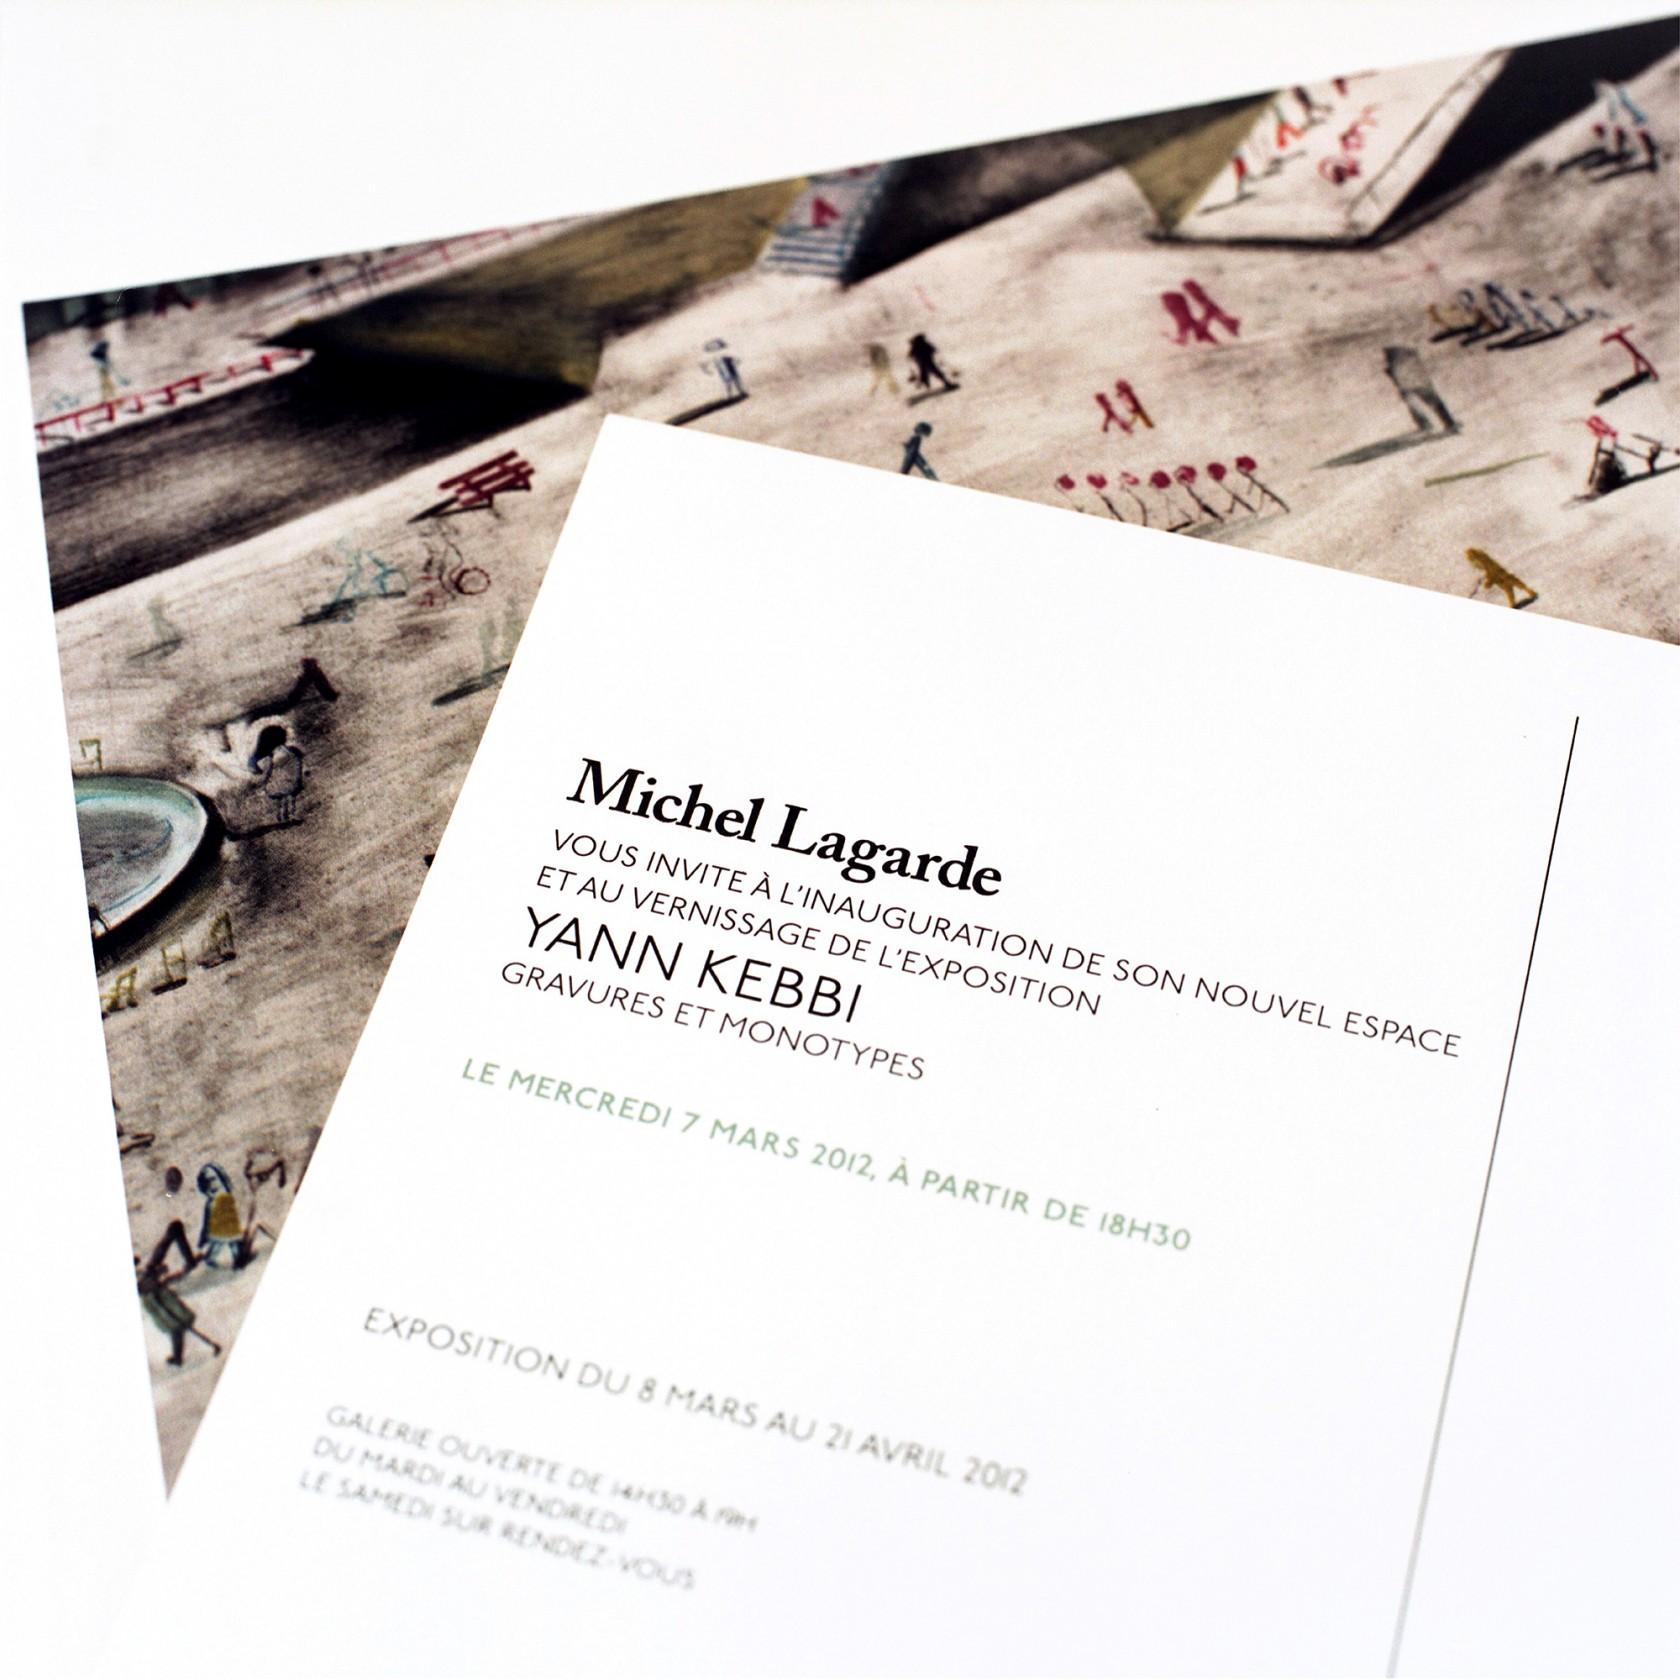 fouinzanardi -  fz_identity_michellagarde